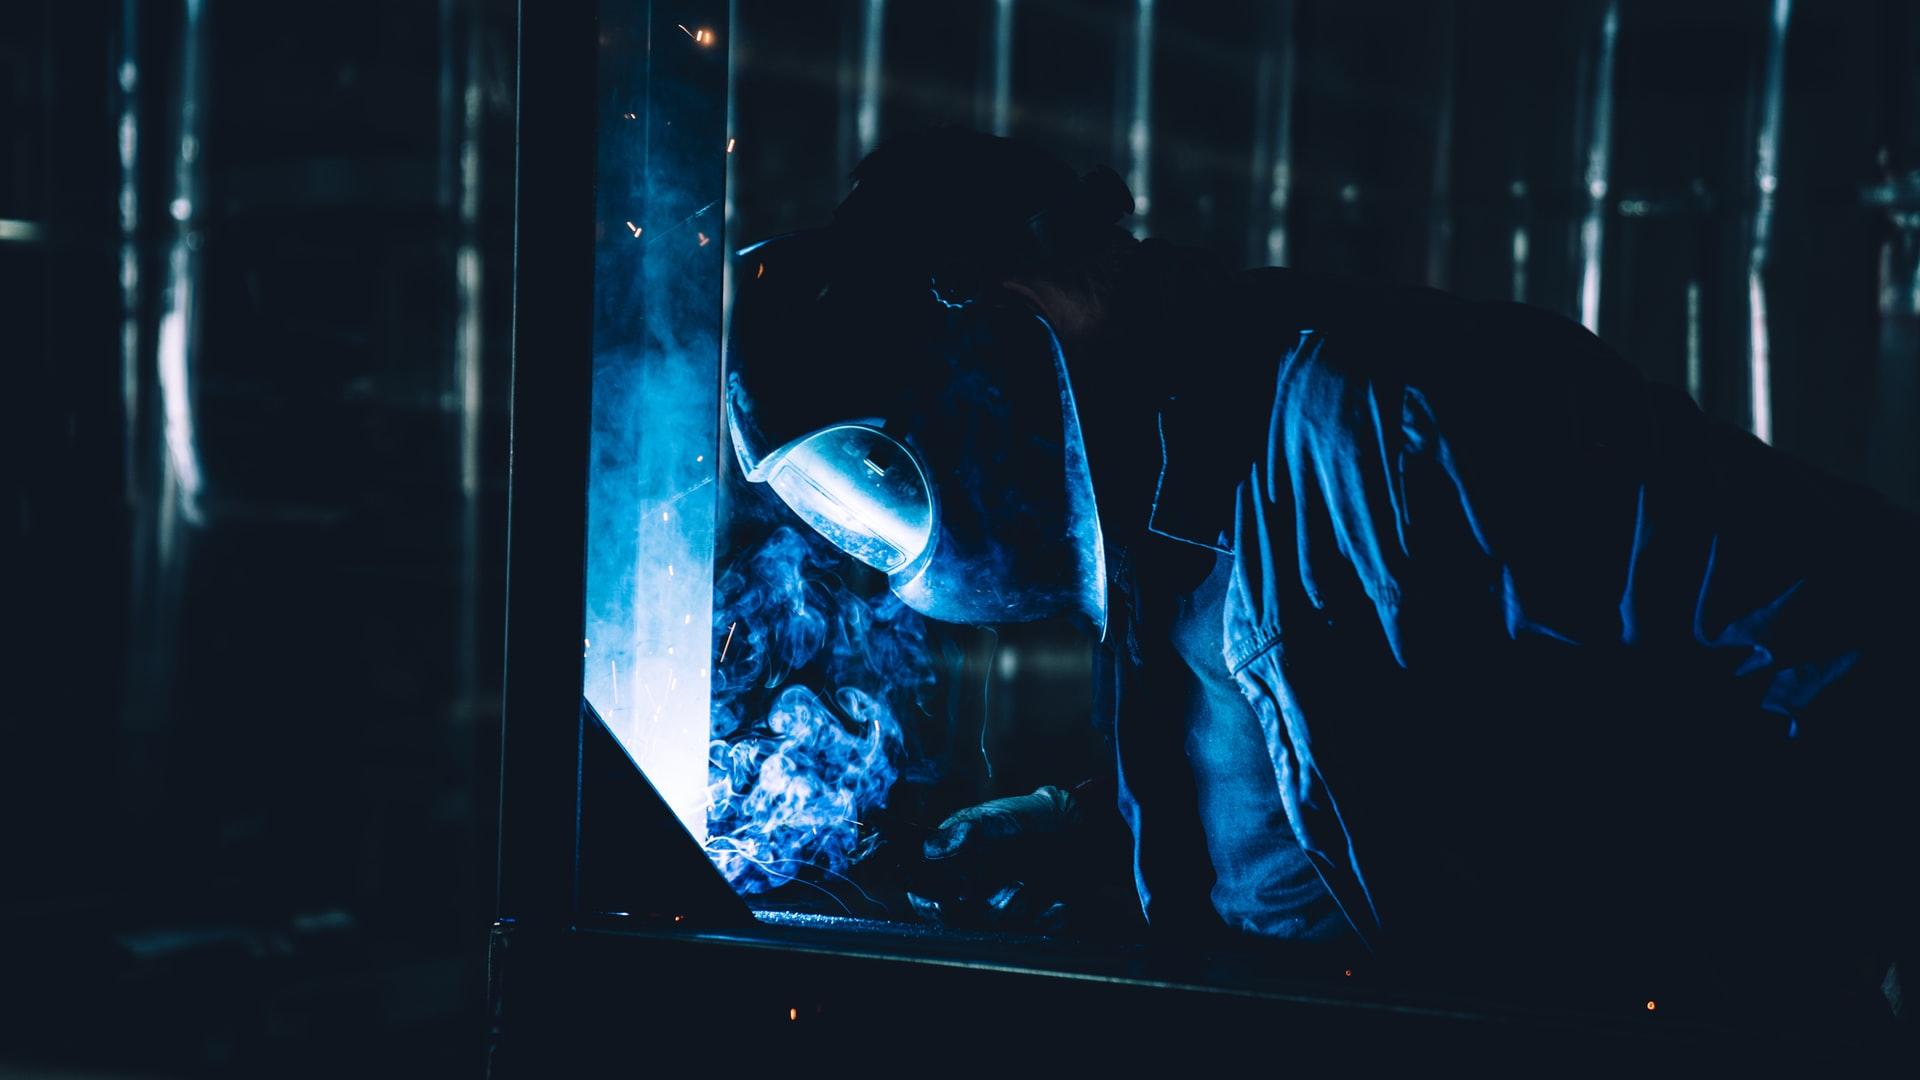 Befragung für Arbeiter im Produktionsbereich und in der Industrie